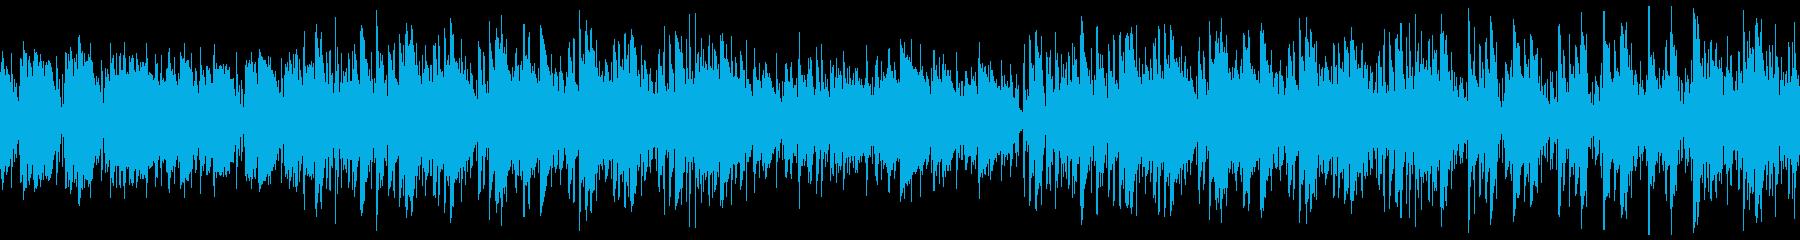 CM・大人な夏の海・ジャズ・ループの再生済みの波形